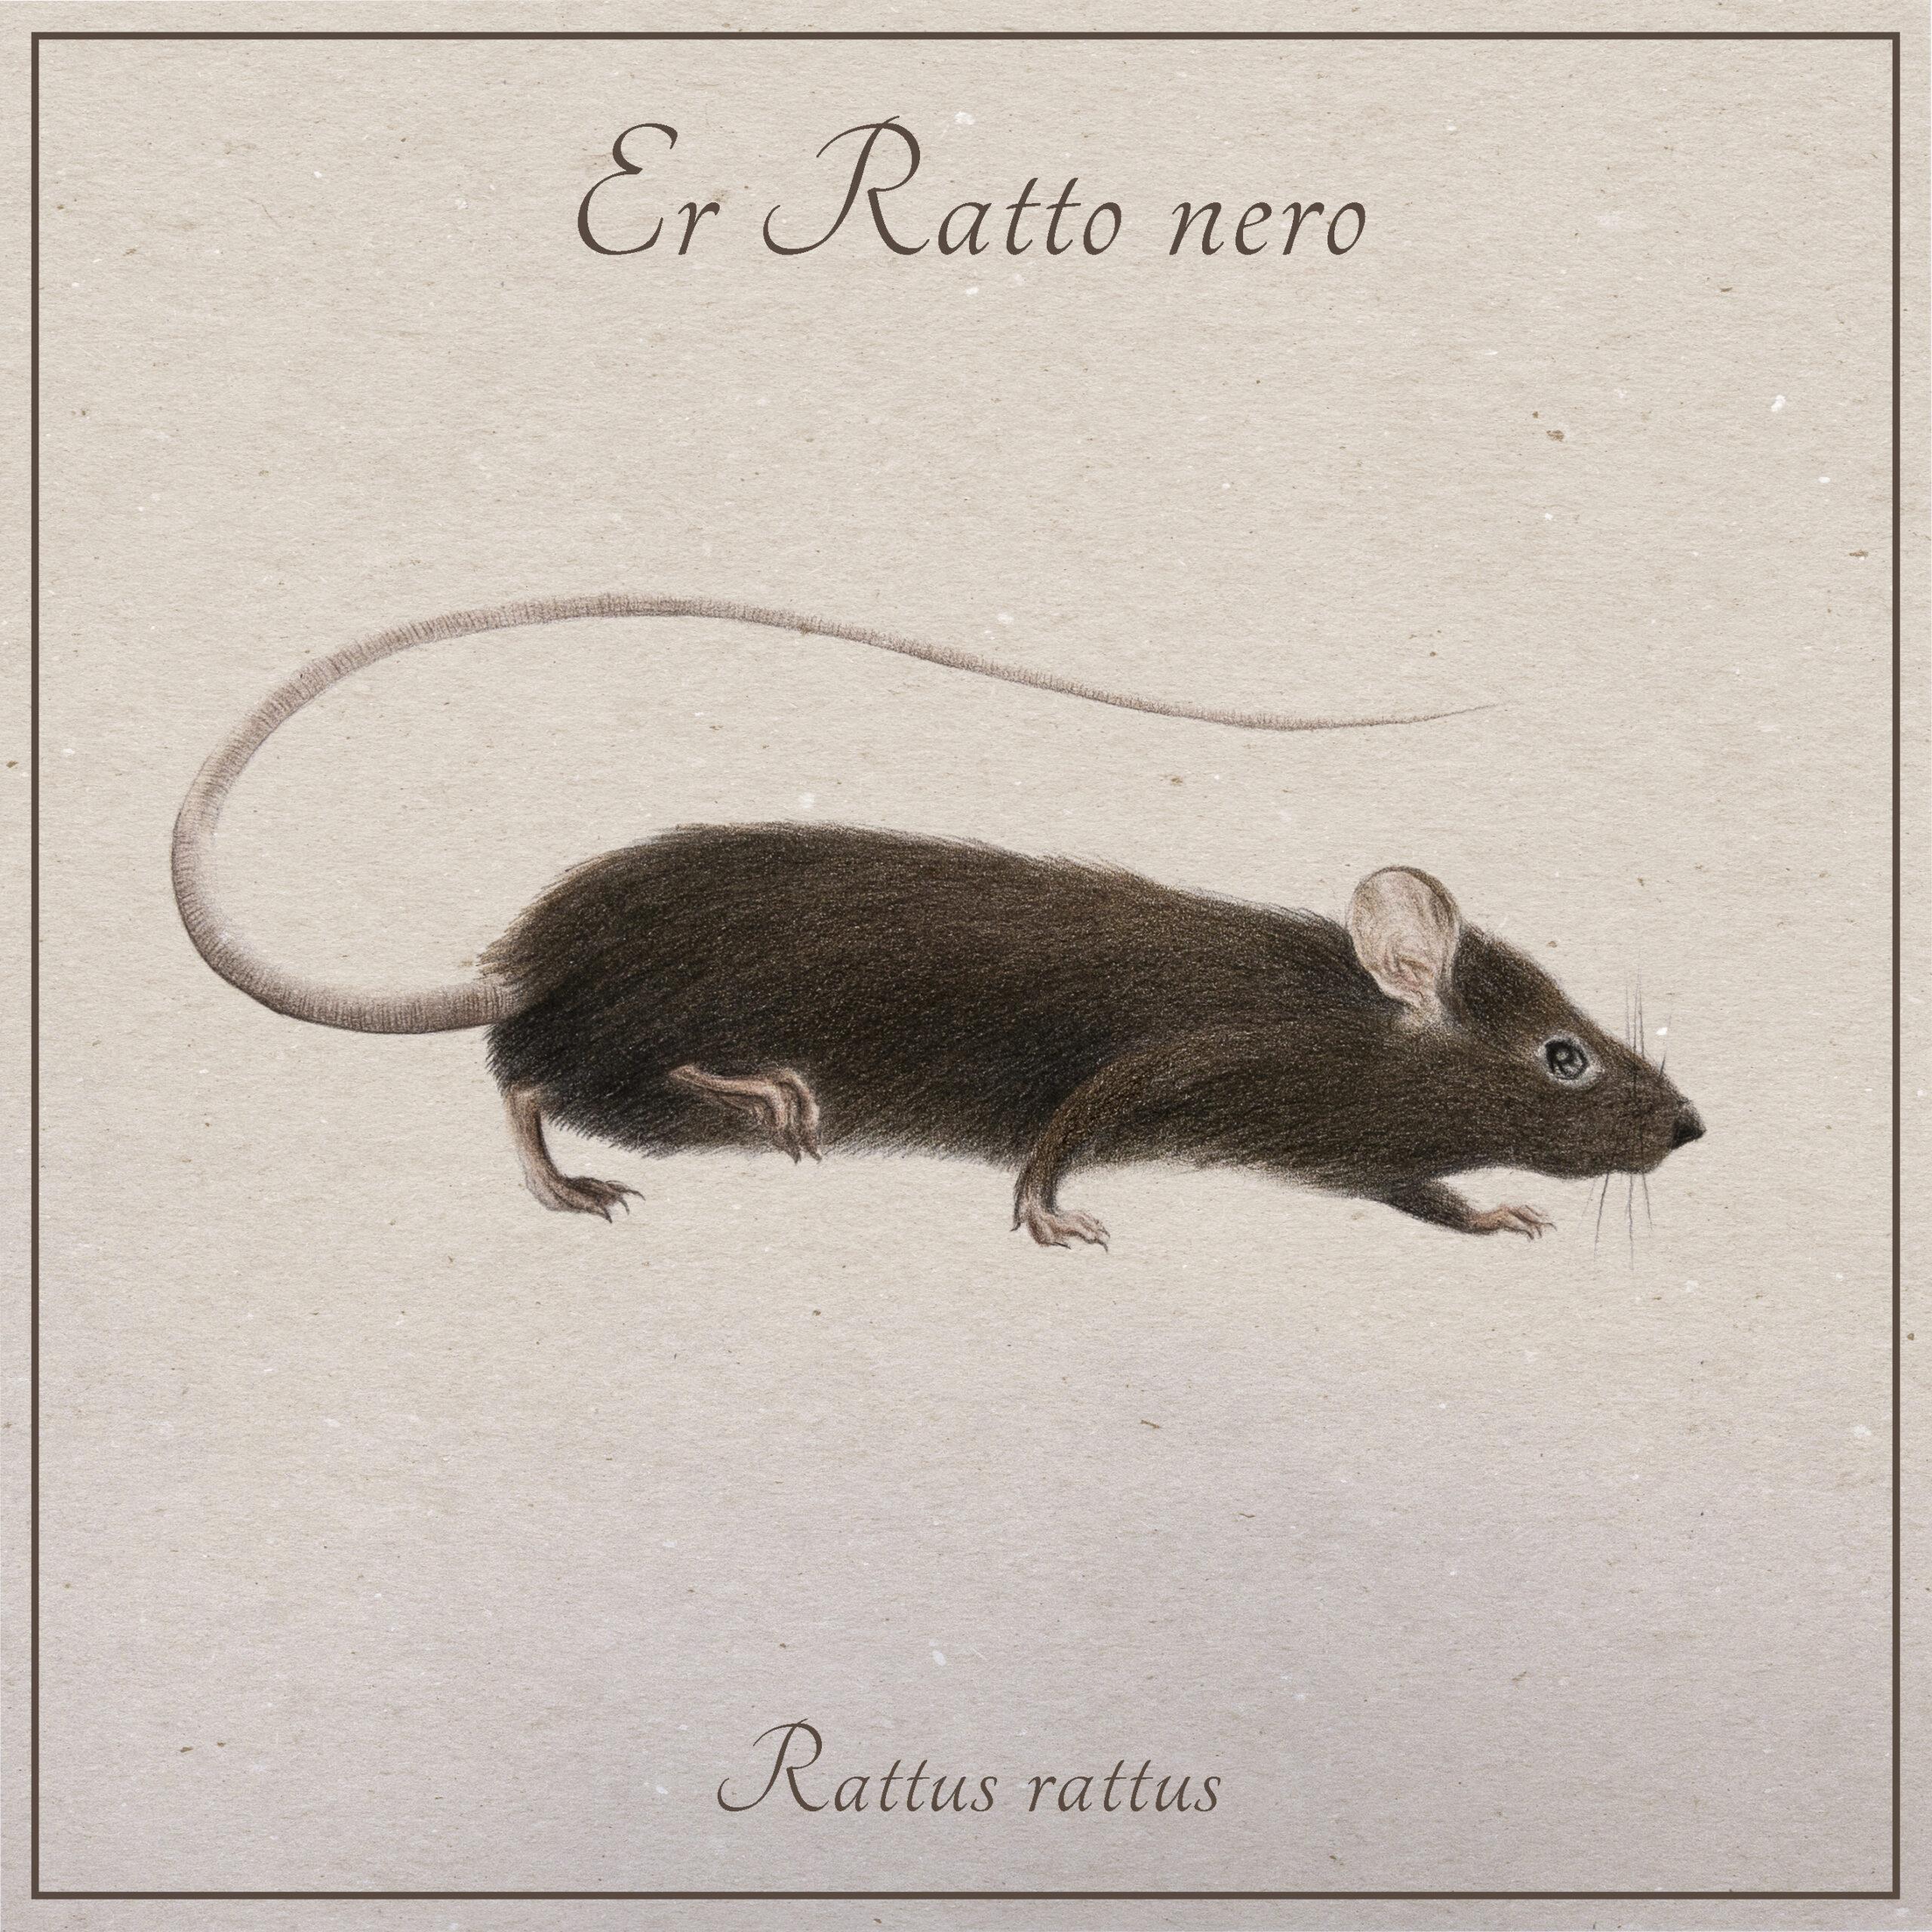 il ratto nero, o ratto dei tetti, animale che vive a Roma e vicino al Tevere, illustrato da Nicoletta Guerrieri